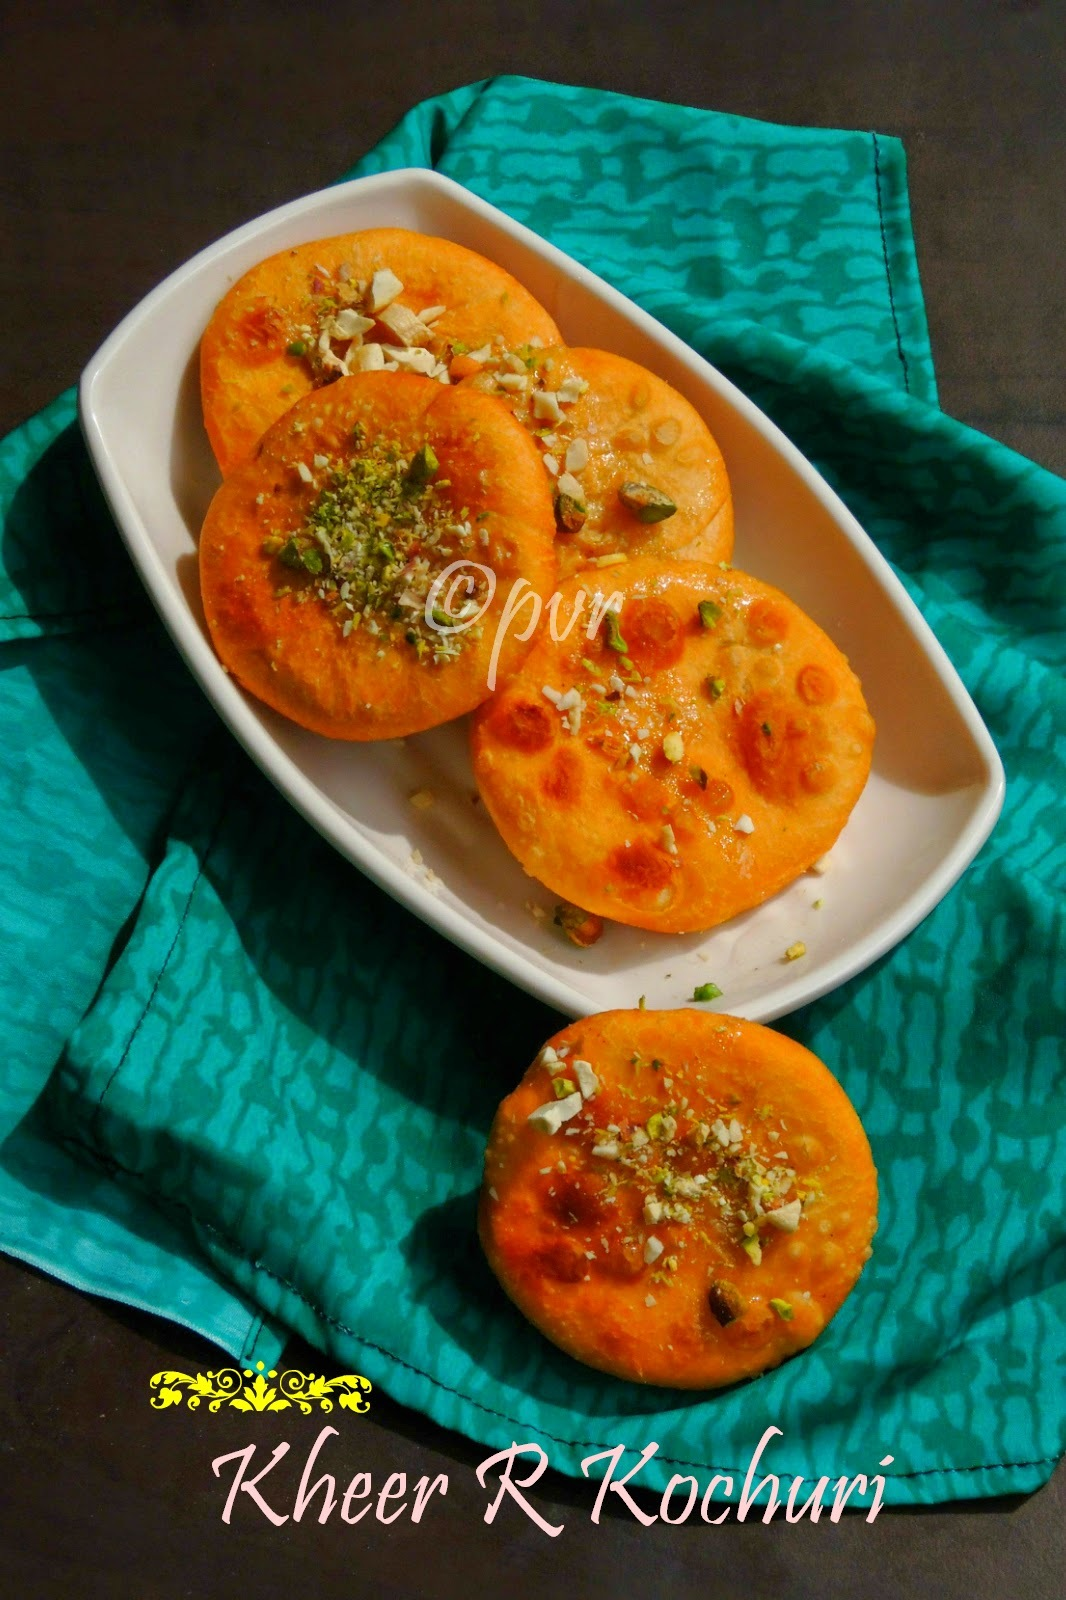 Kheer r Kochuri/Bengali Mawa Kachori - West Bengal Special